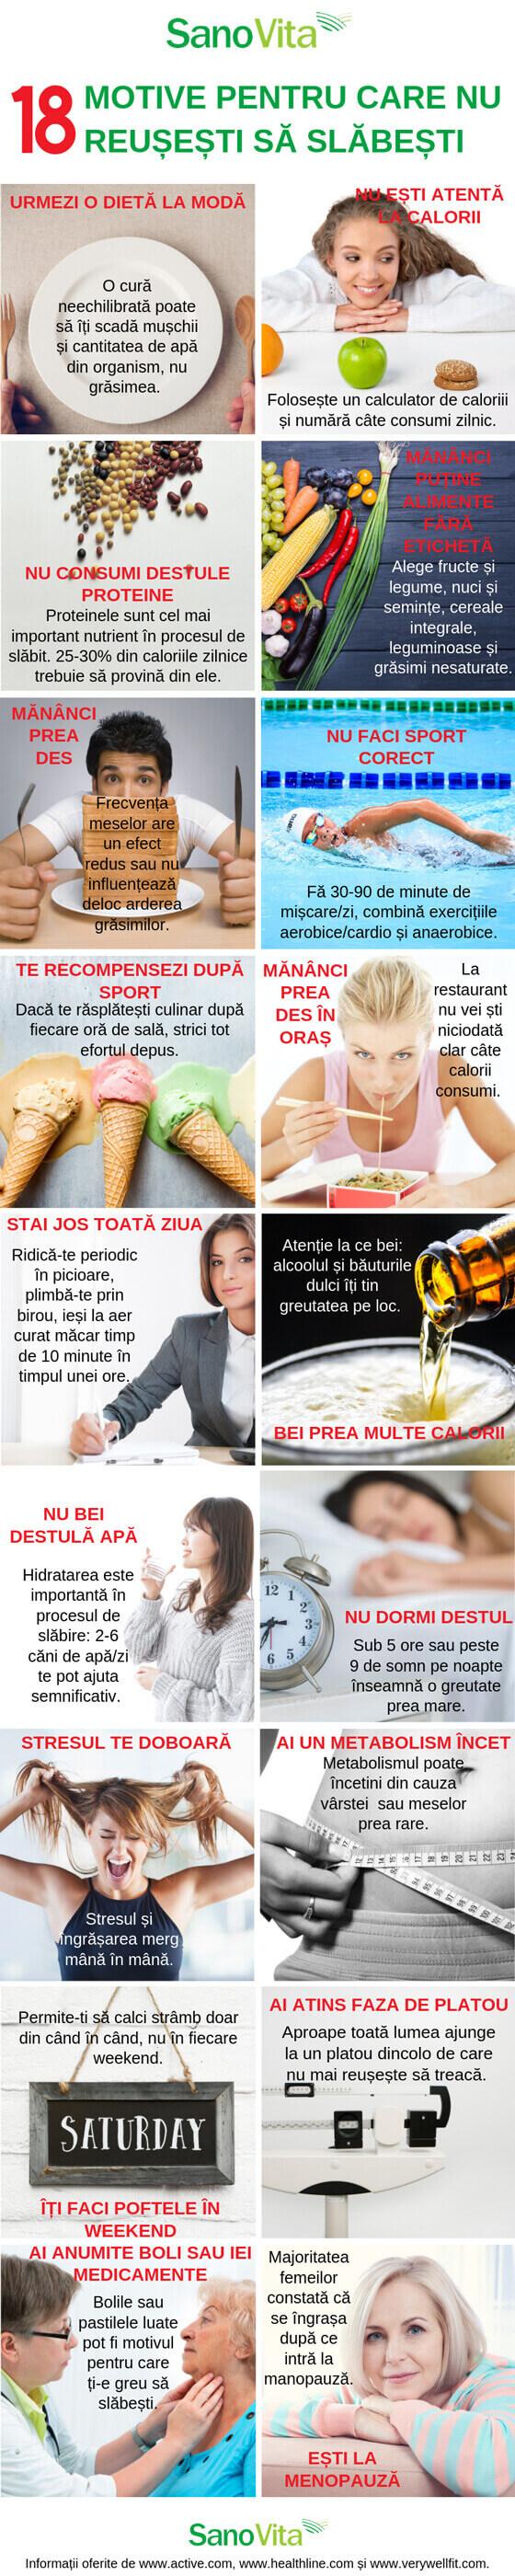 21 de moduri de a arde grasimea mai rapida si de a pierde in greutate